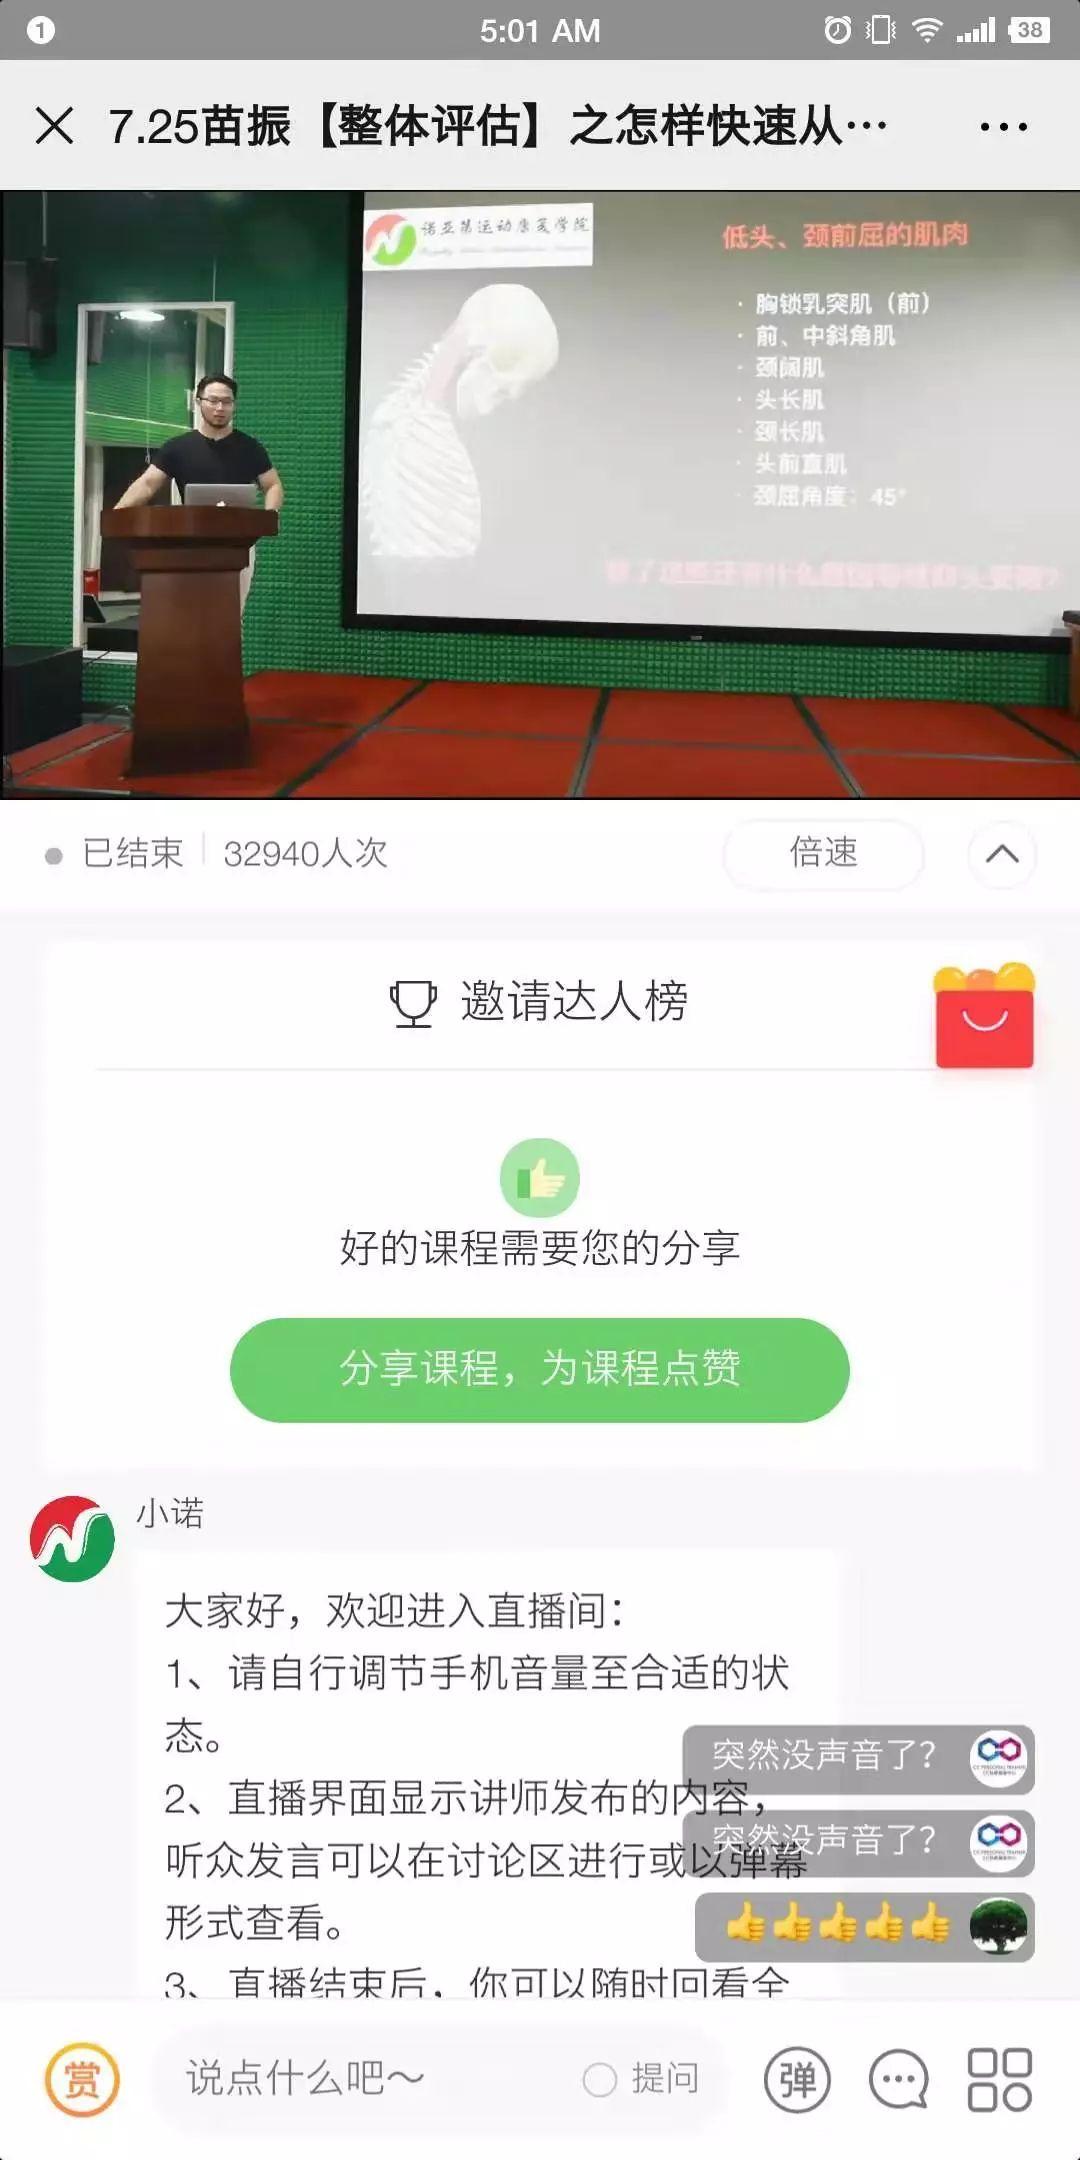 小鹅通功能课堂第五期:高阶教育机构变现都靠这5步!(图15)